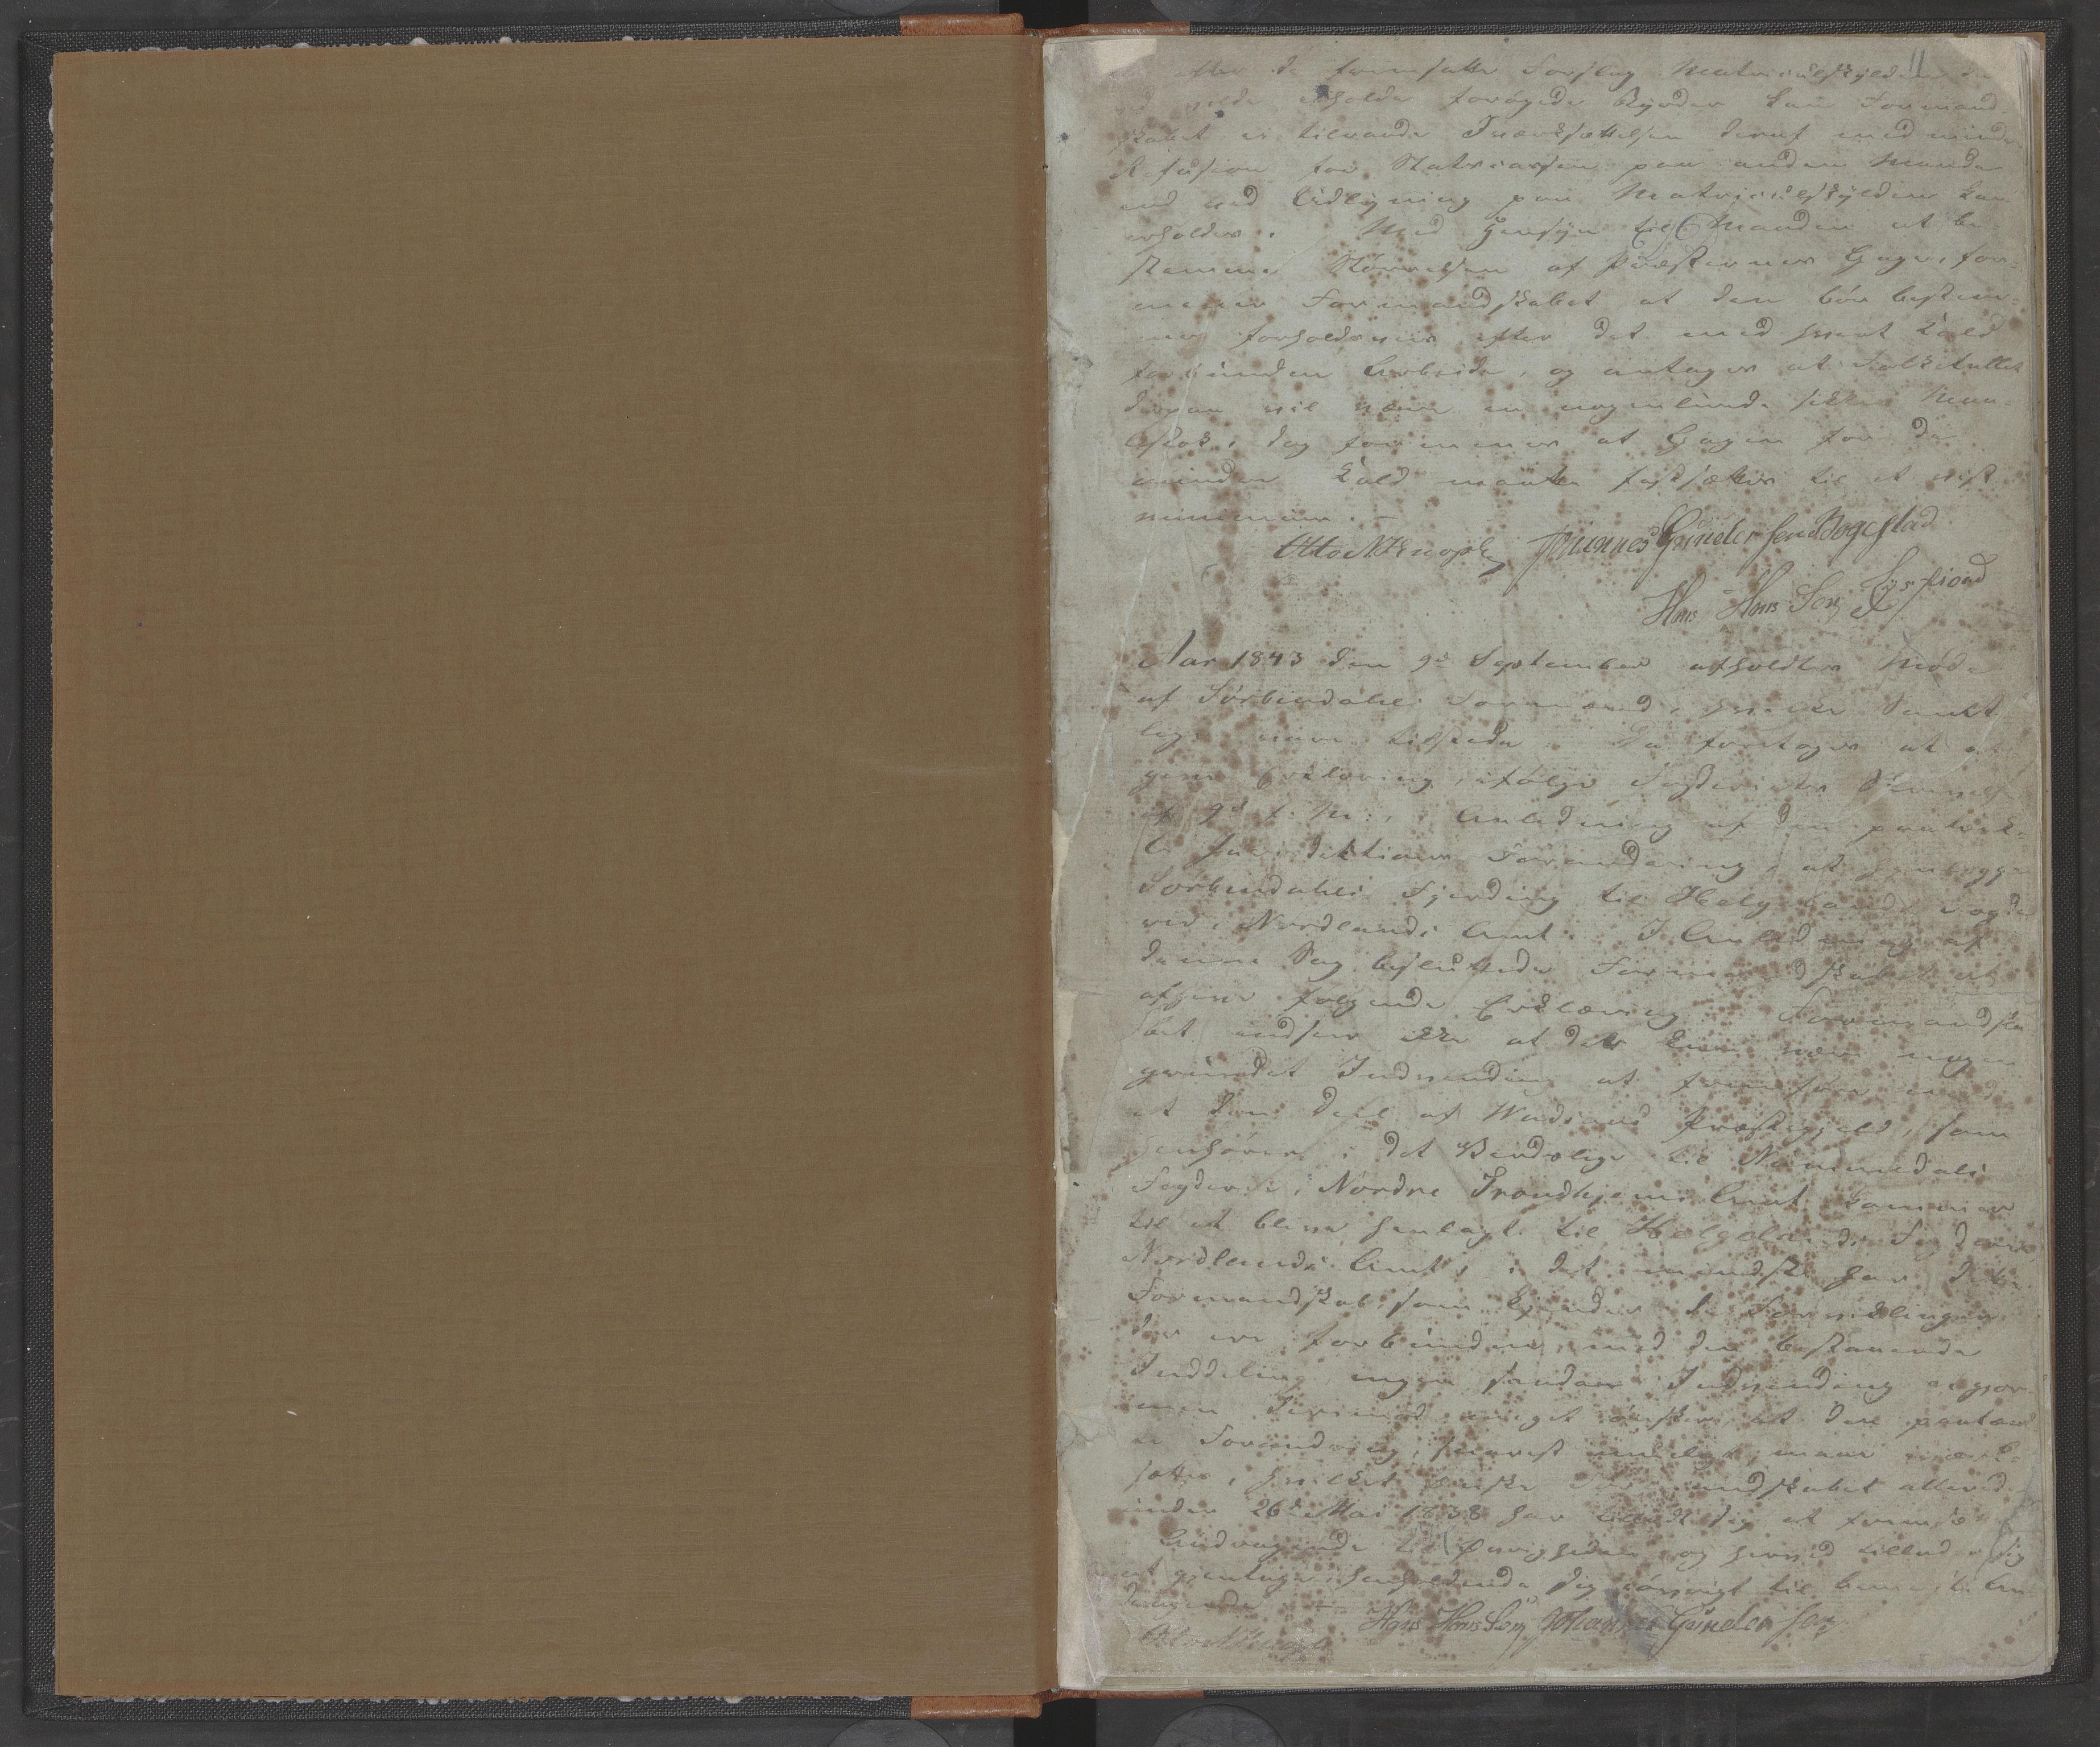 AIN, Bindal kommune. Formannskapet, A/Aa/L0000a: Møtebok, 1843-1881, s. 11